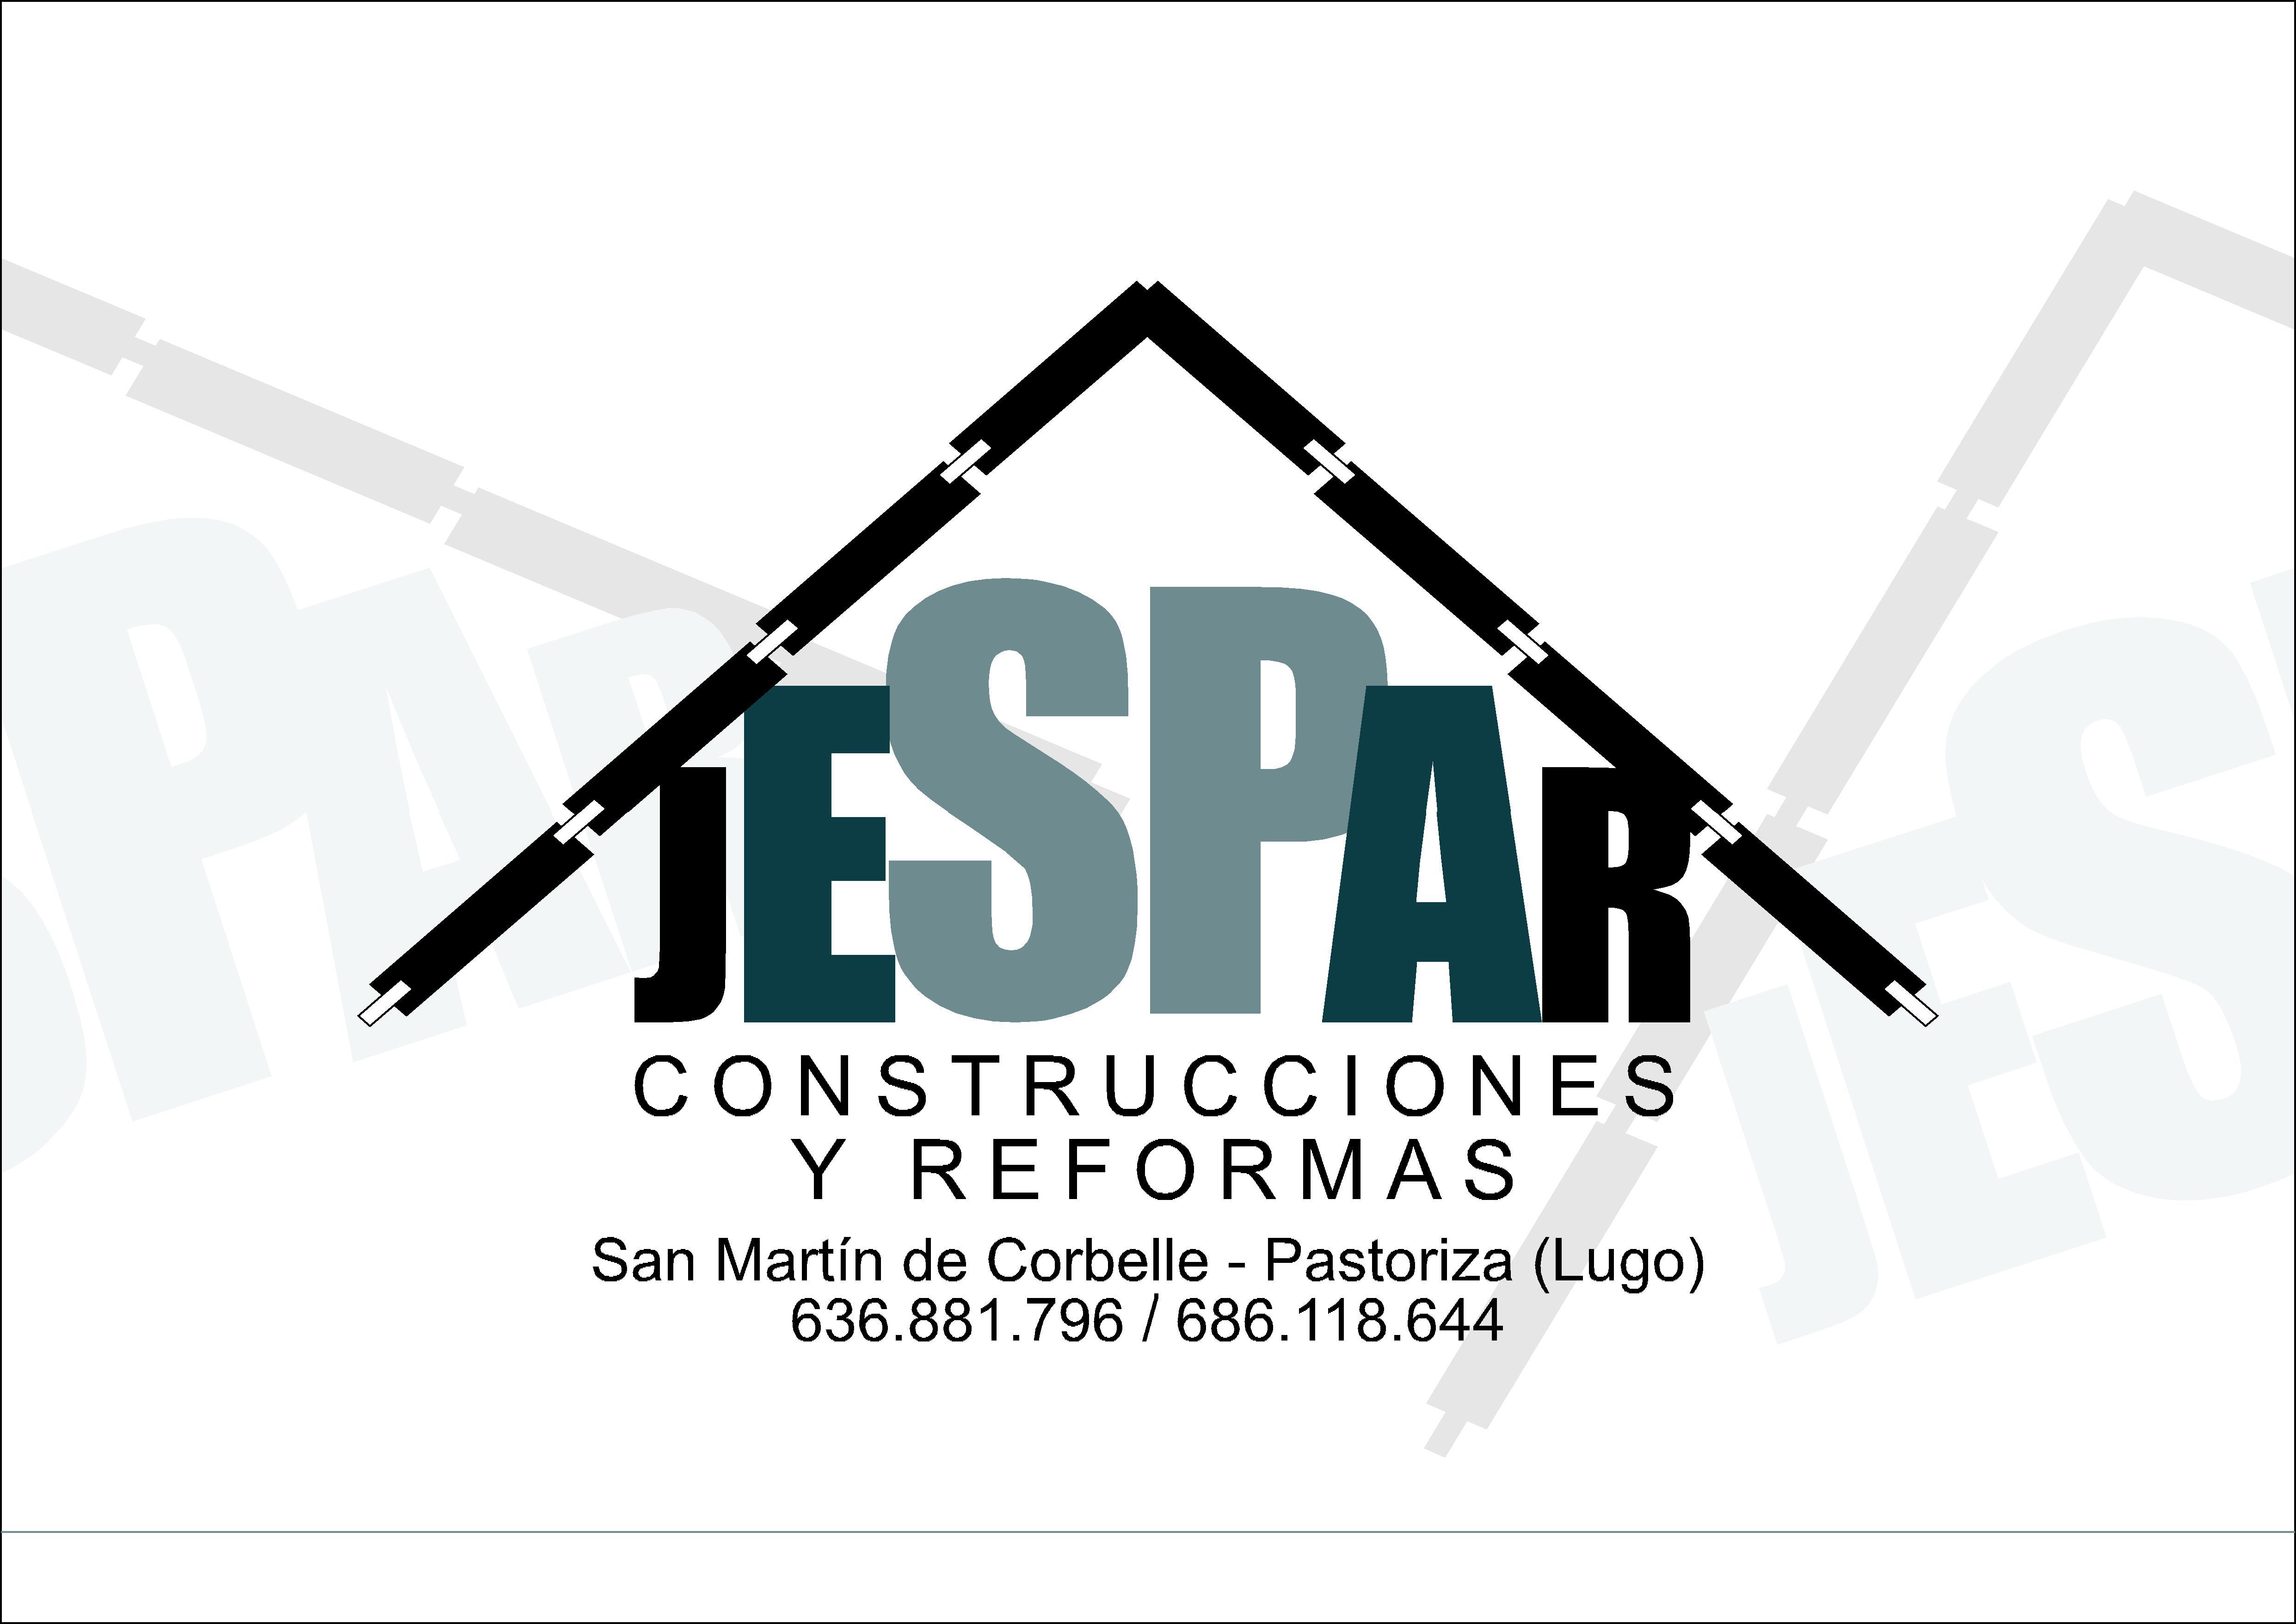 JESPAR construcciones y reformas